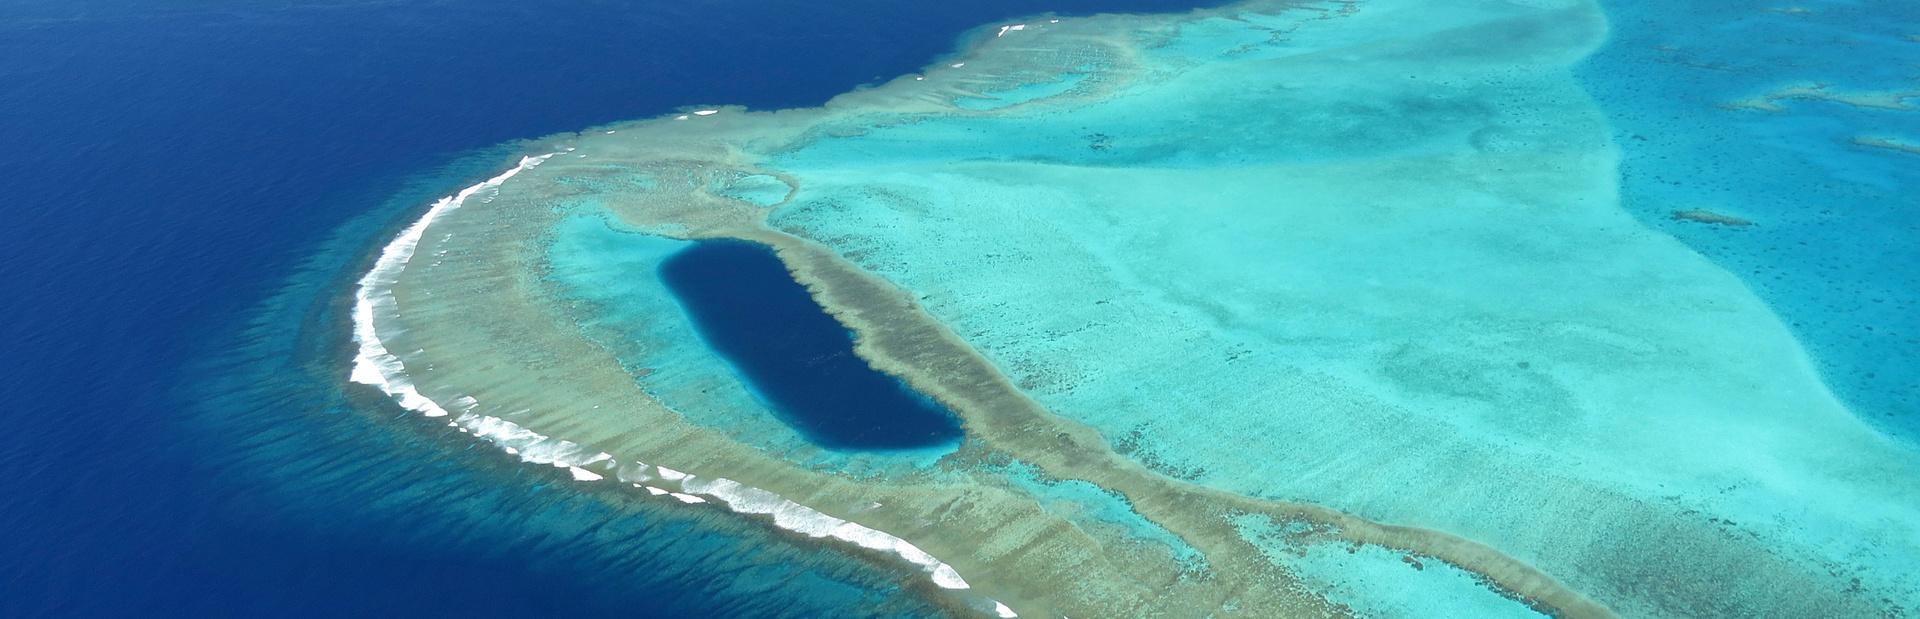 New Caledonia news photo